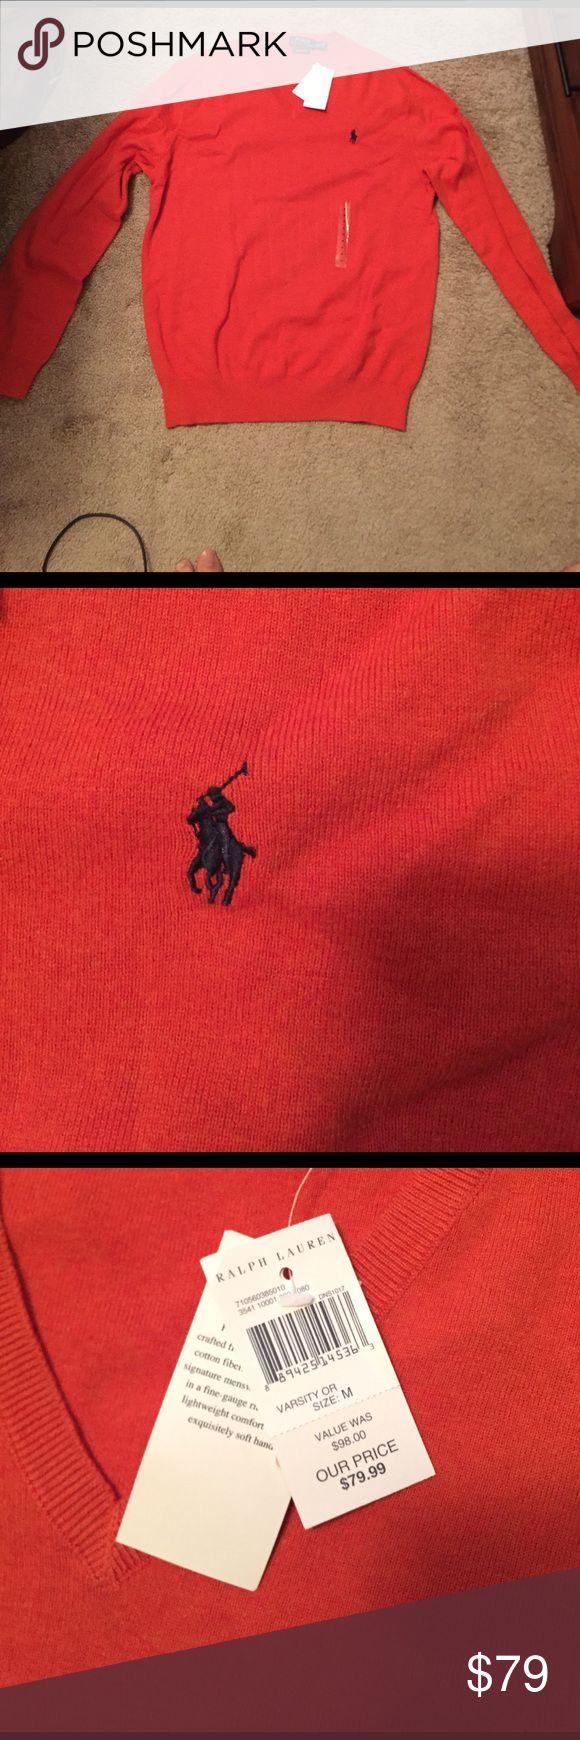 ber ideen zu orange strickjacke auf pinterest strickjacken outfits und freitag outfit. Black Bedroom Furniture Sets. Home Design Ideas